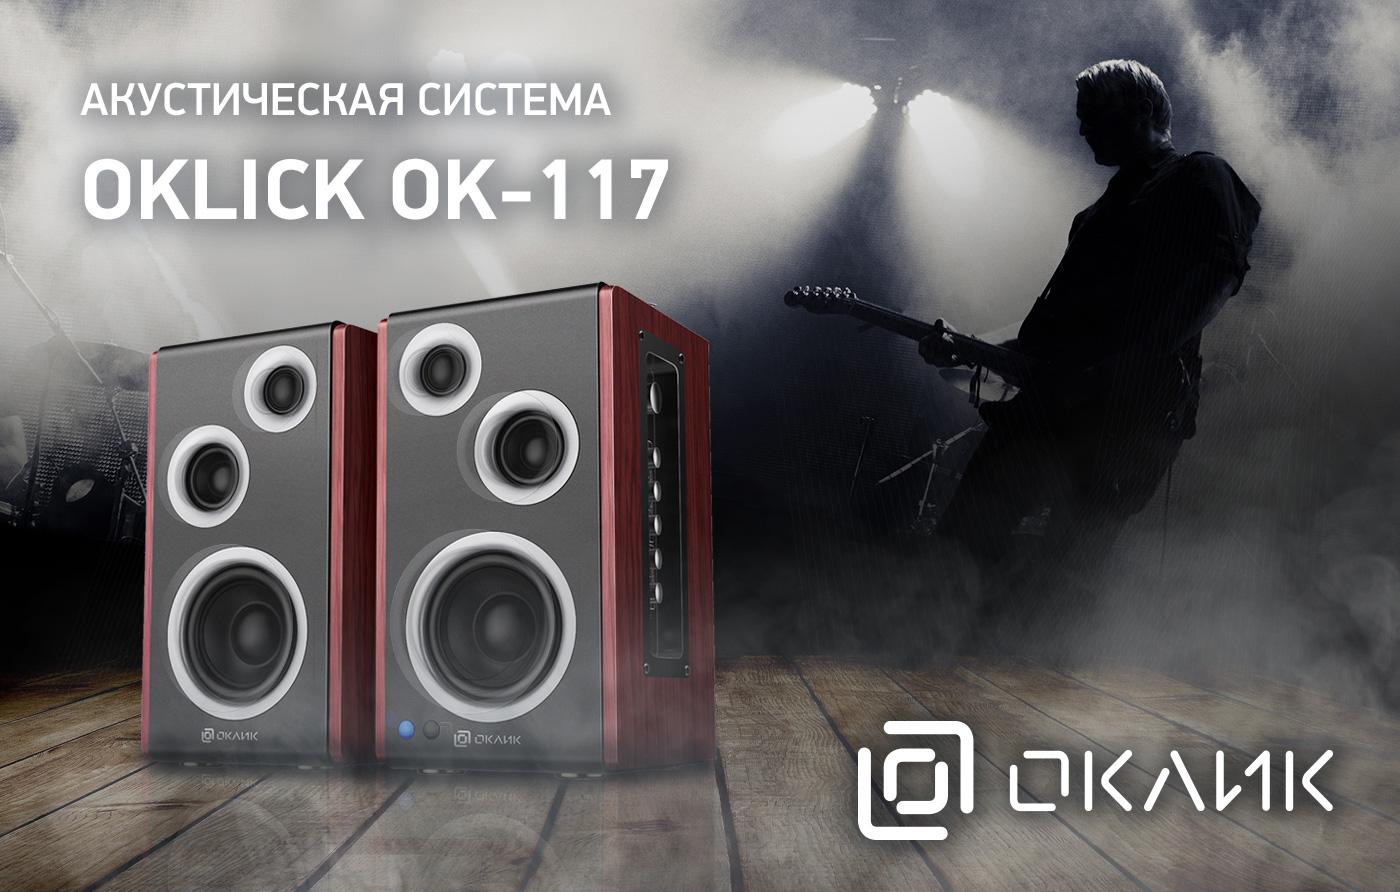 Акустическая система ОК-117